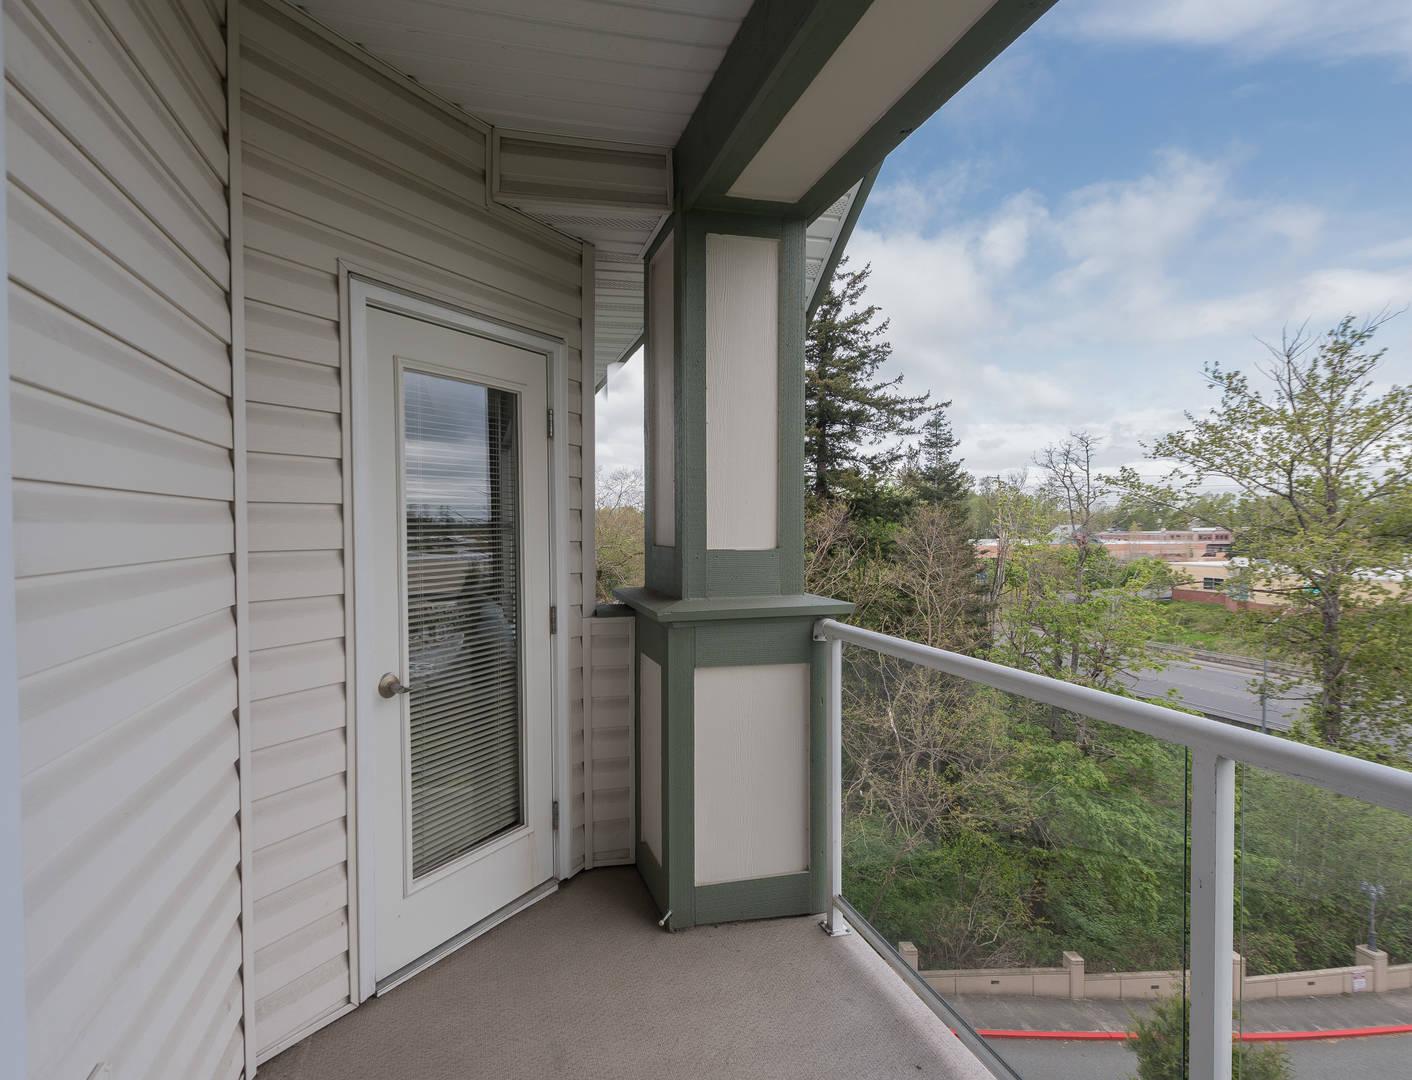 251 W Bakerview Rd #403 Bellingham, WA 98226